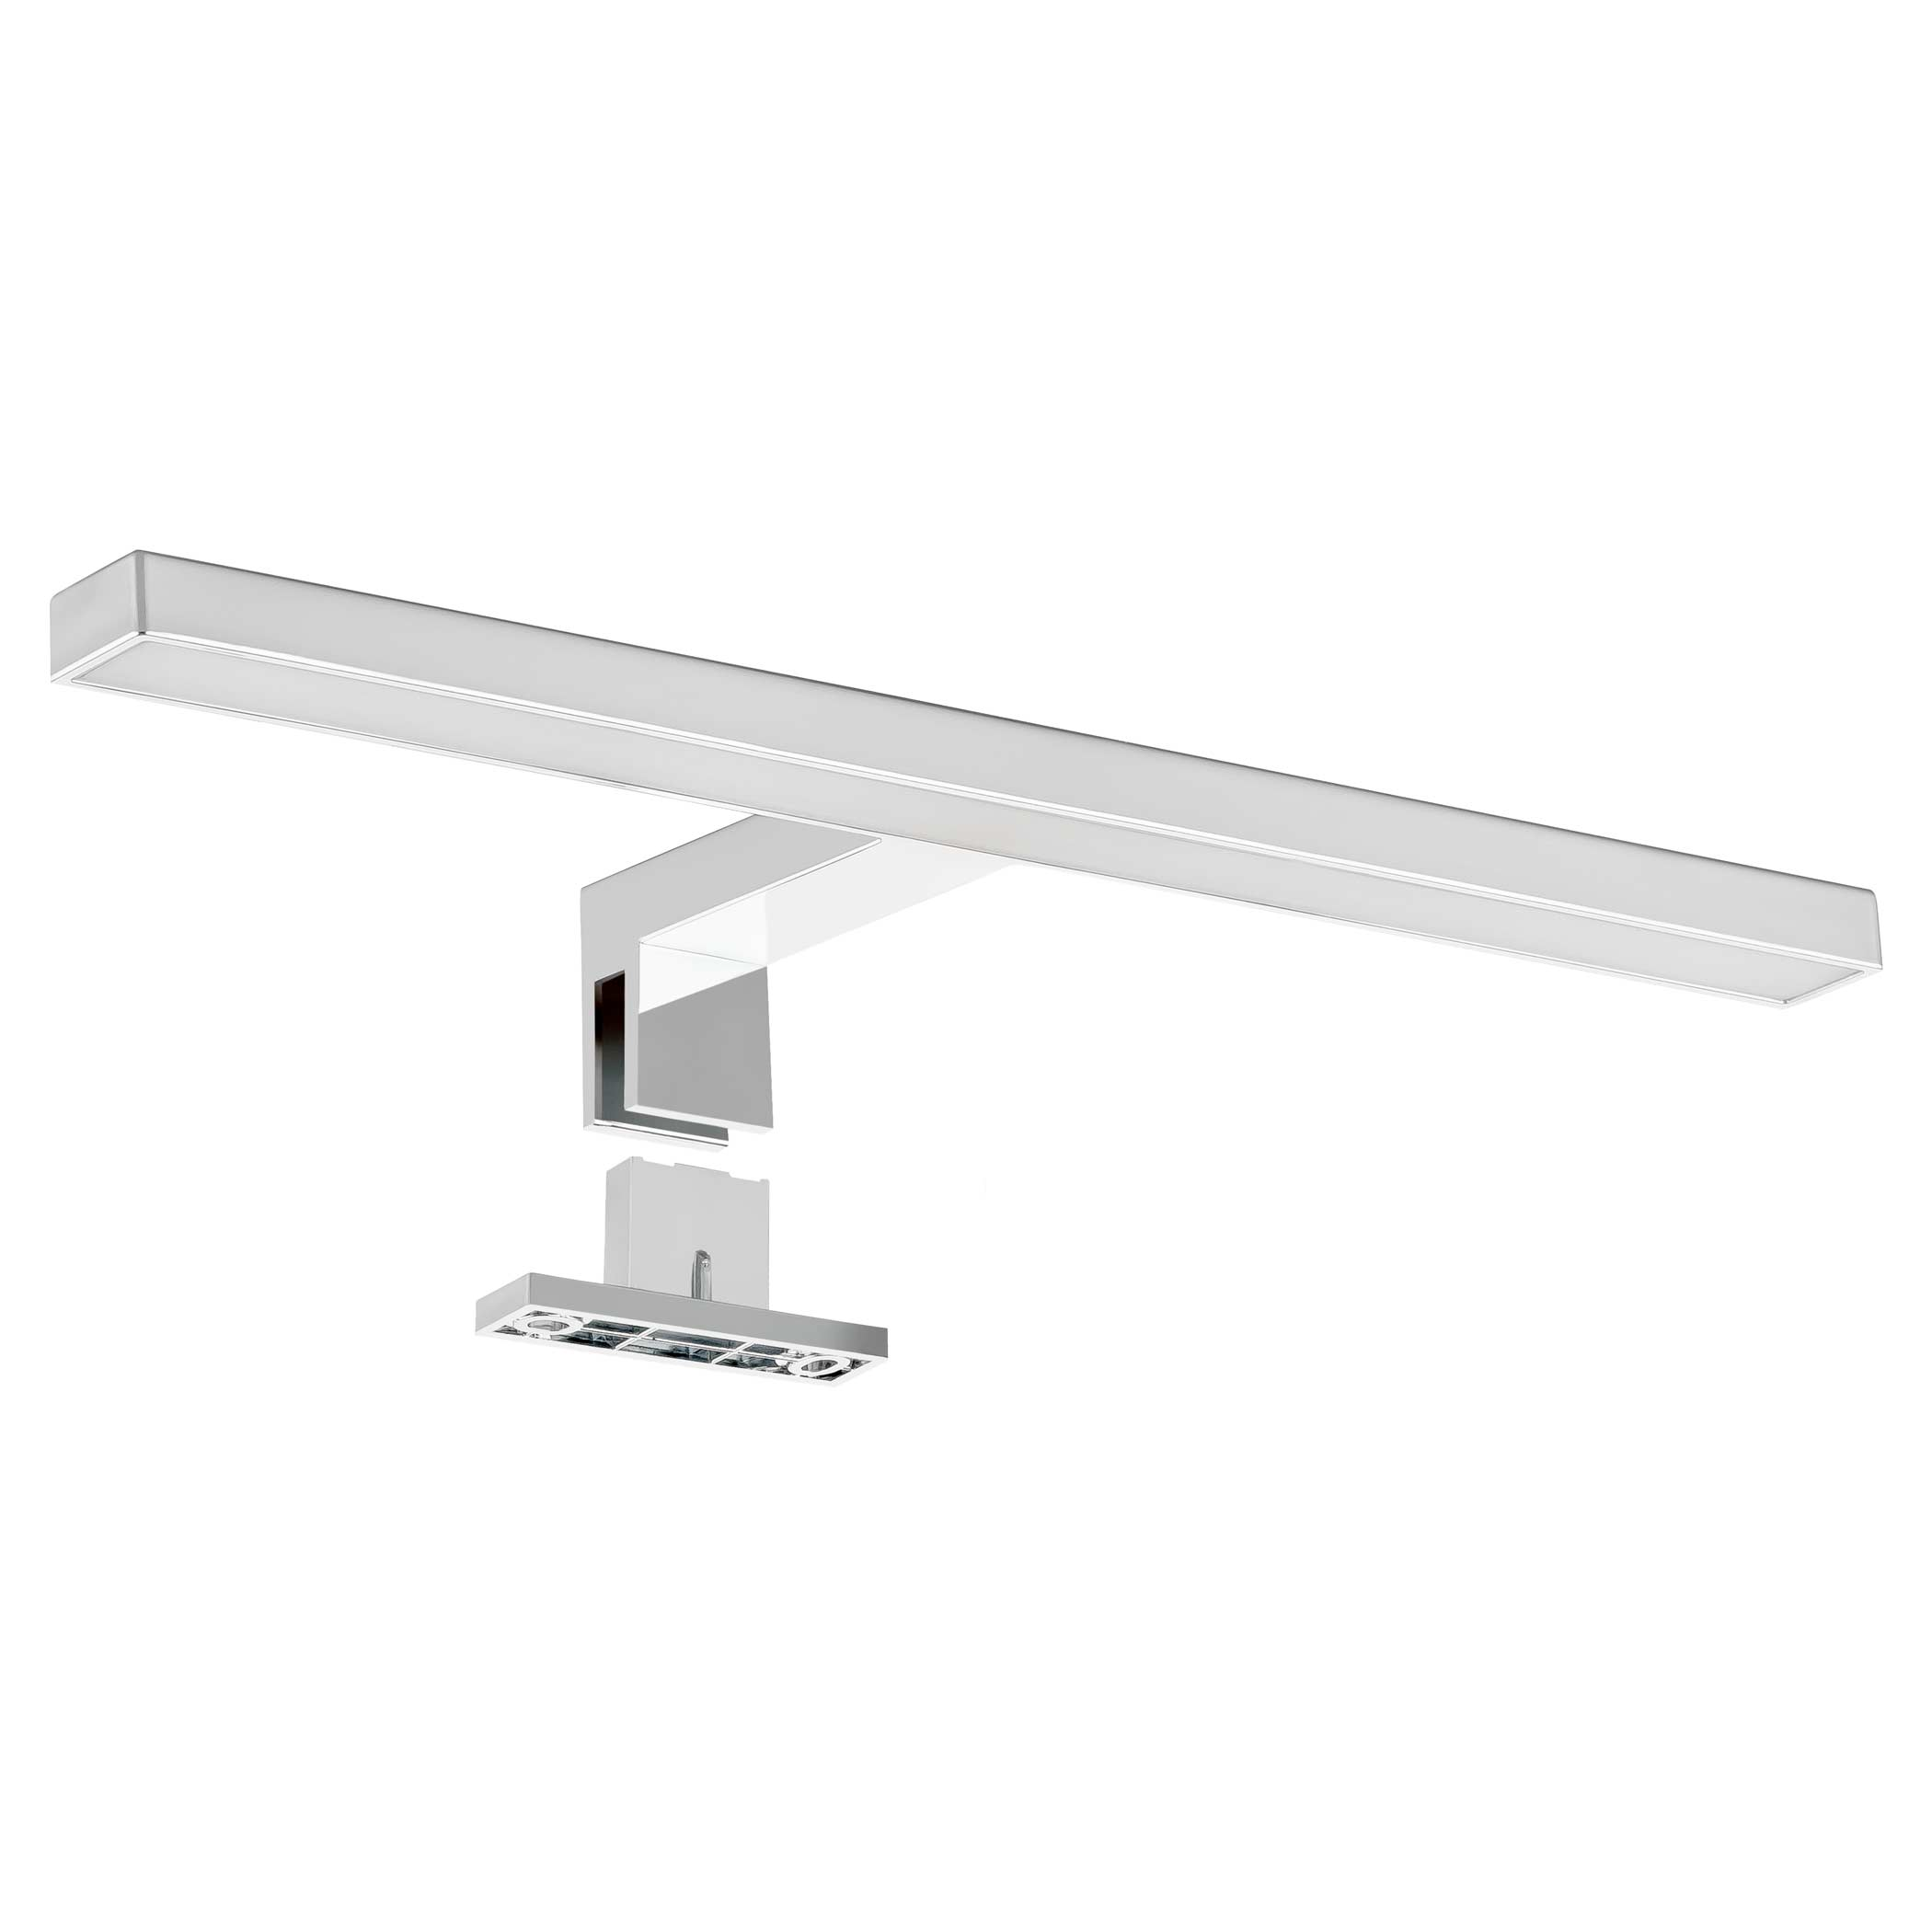 LED Spiegelleuchte 5W 30cm